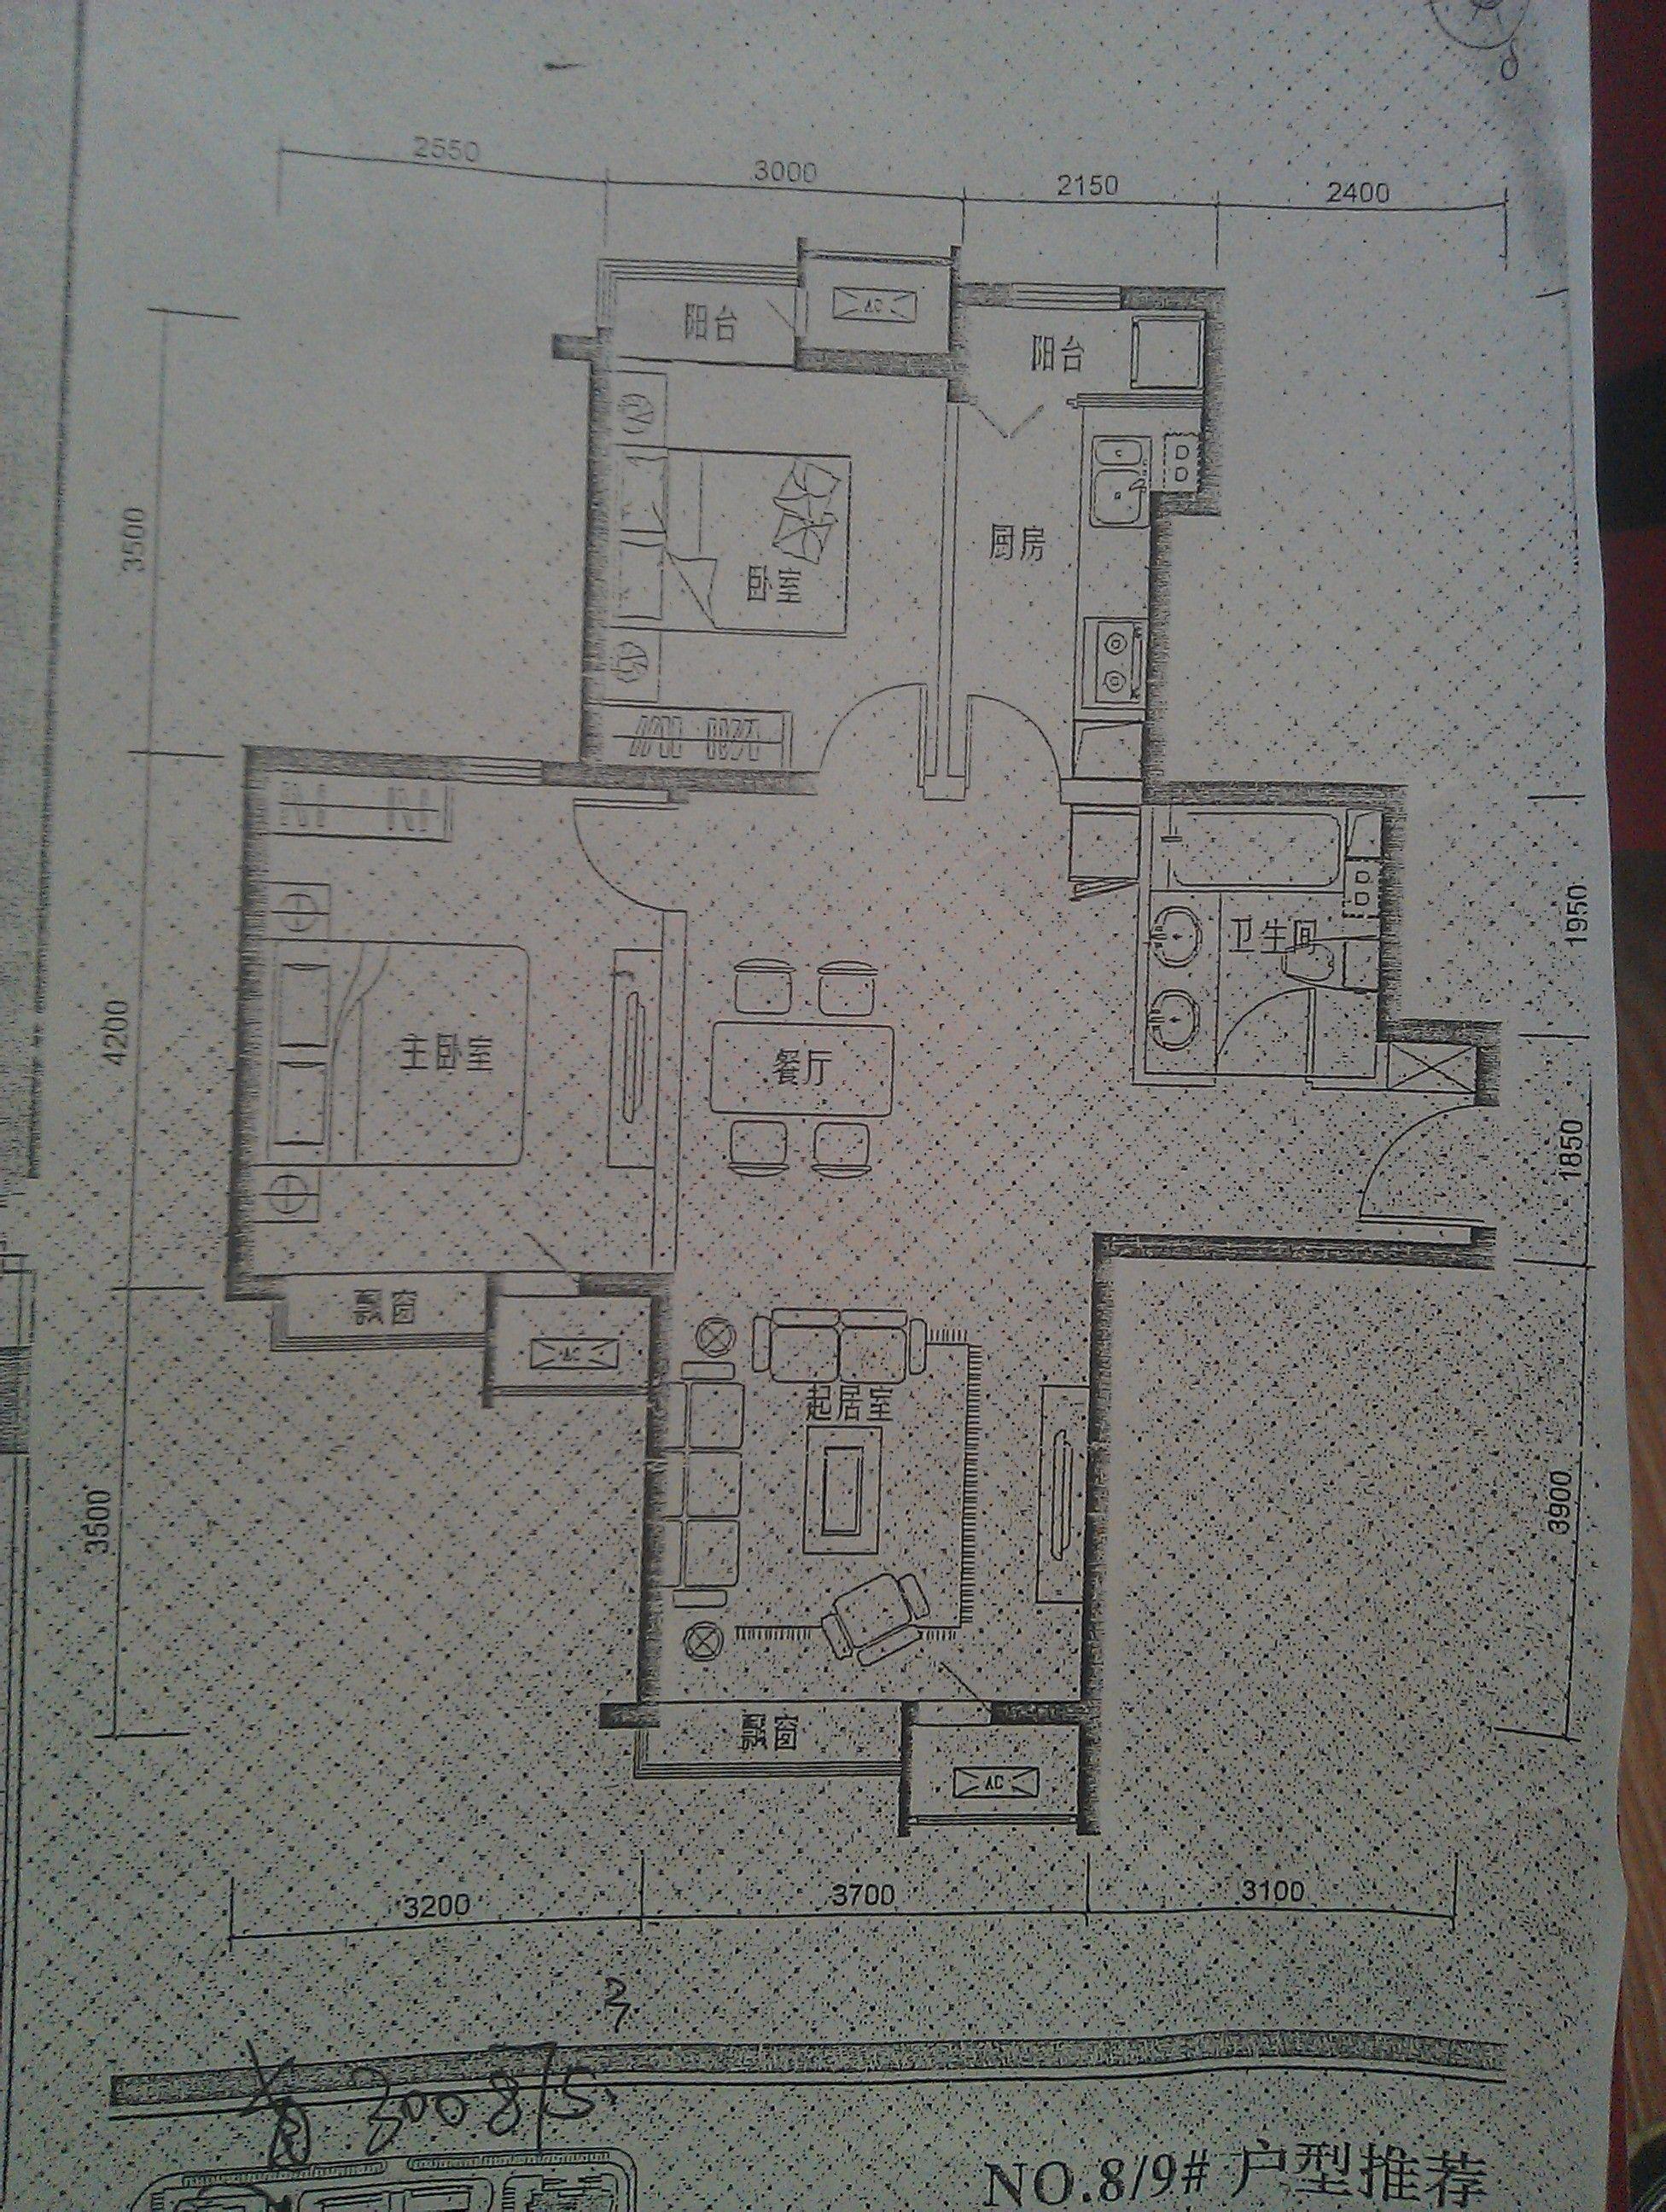 这个房屋平面图咋样 大家帮我看下这个房子咋样,最好能给个装修建议